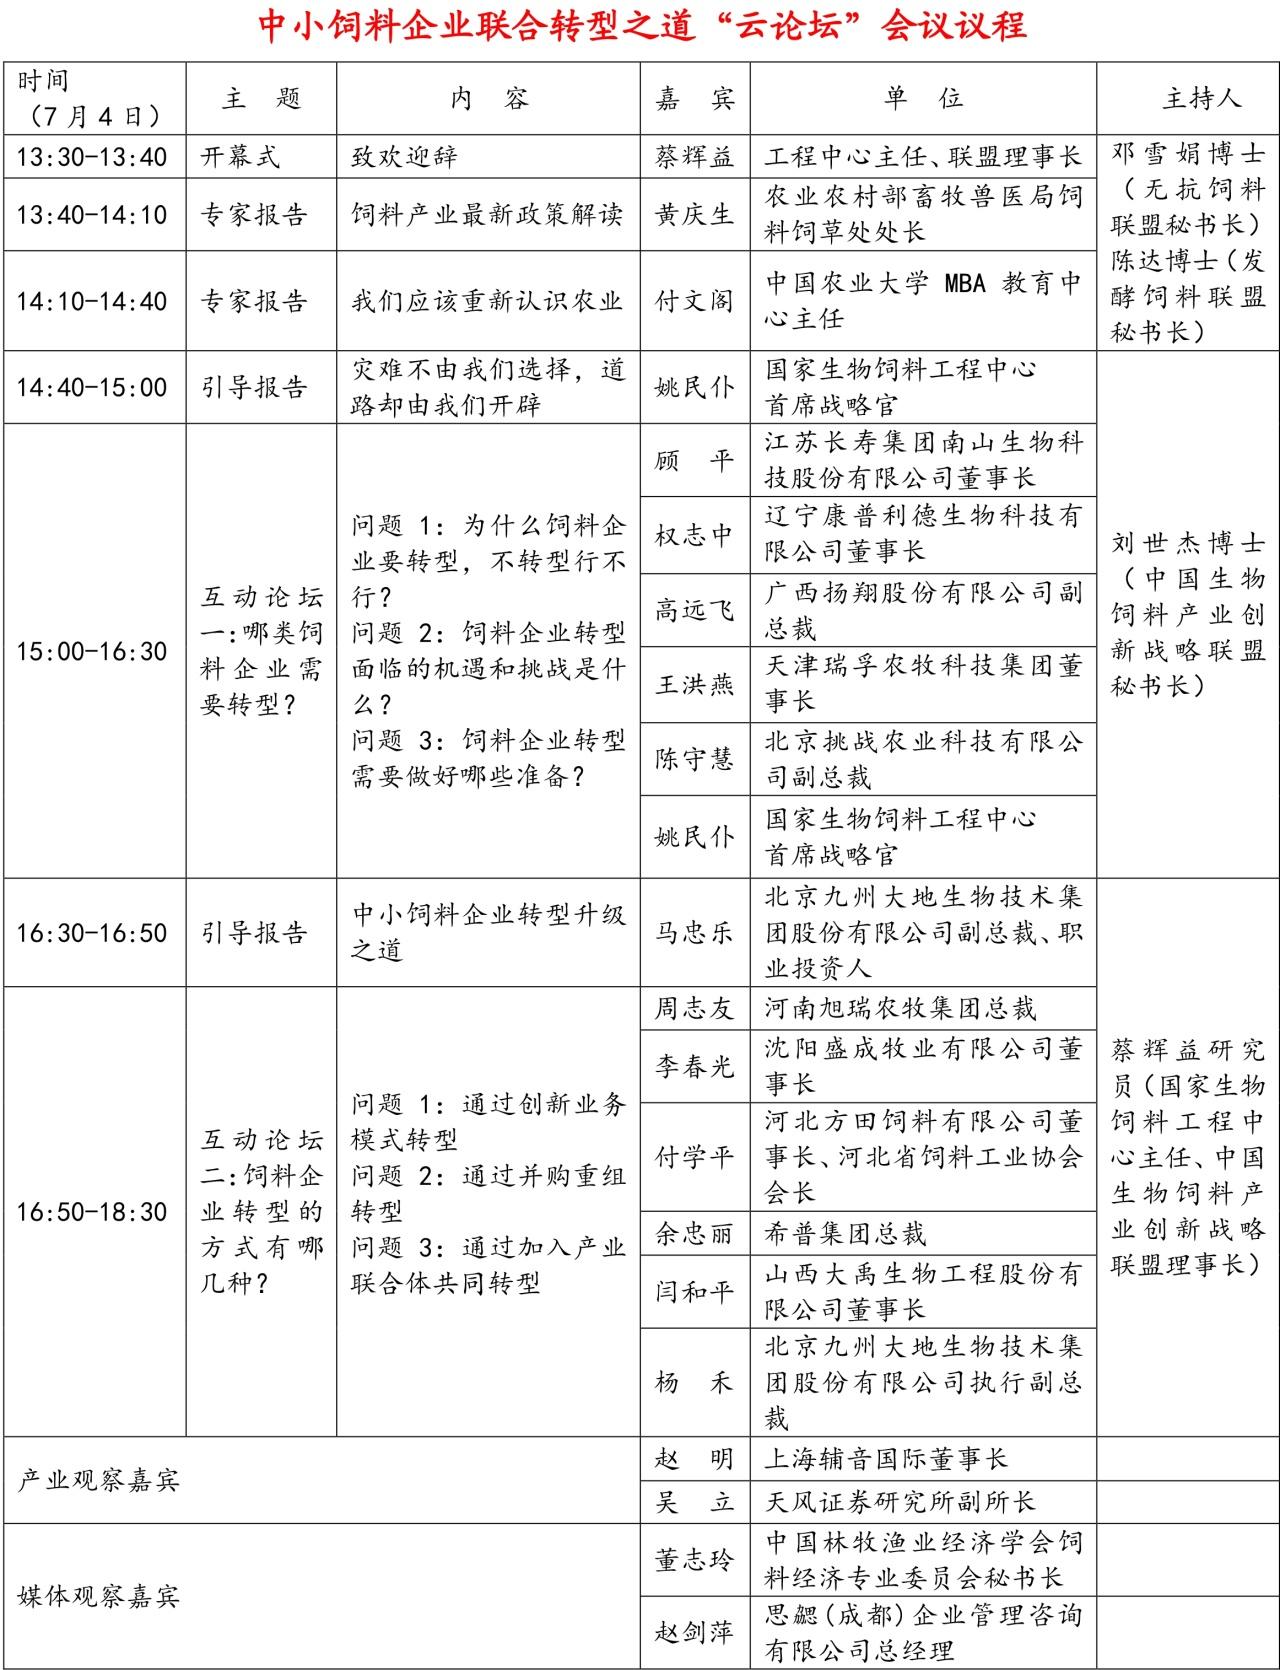 直播介绍3.jpg